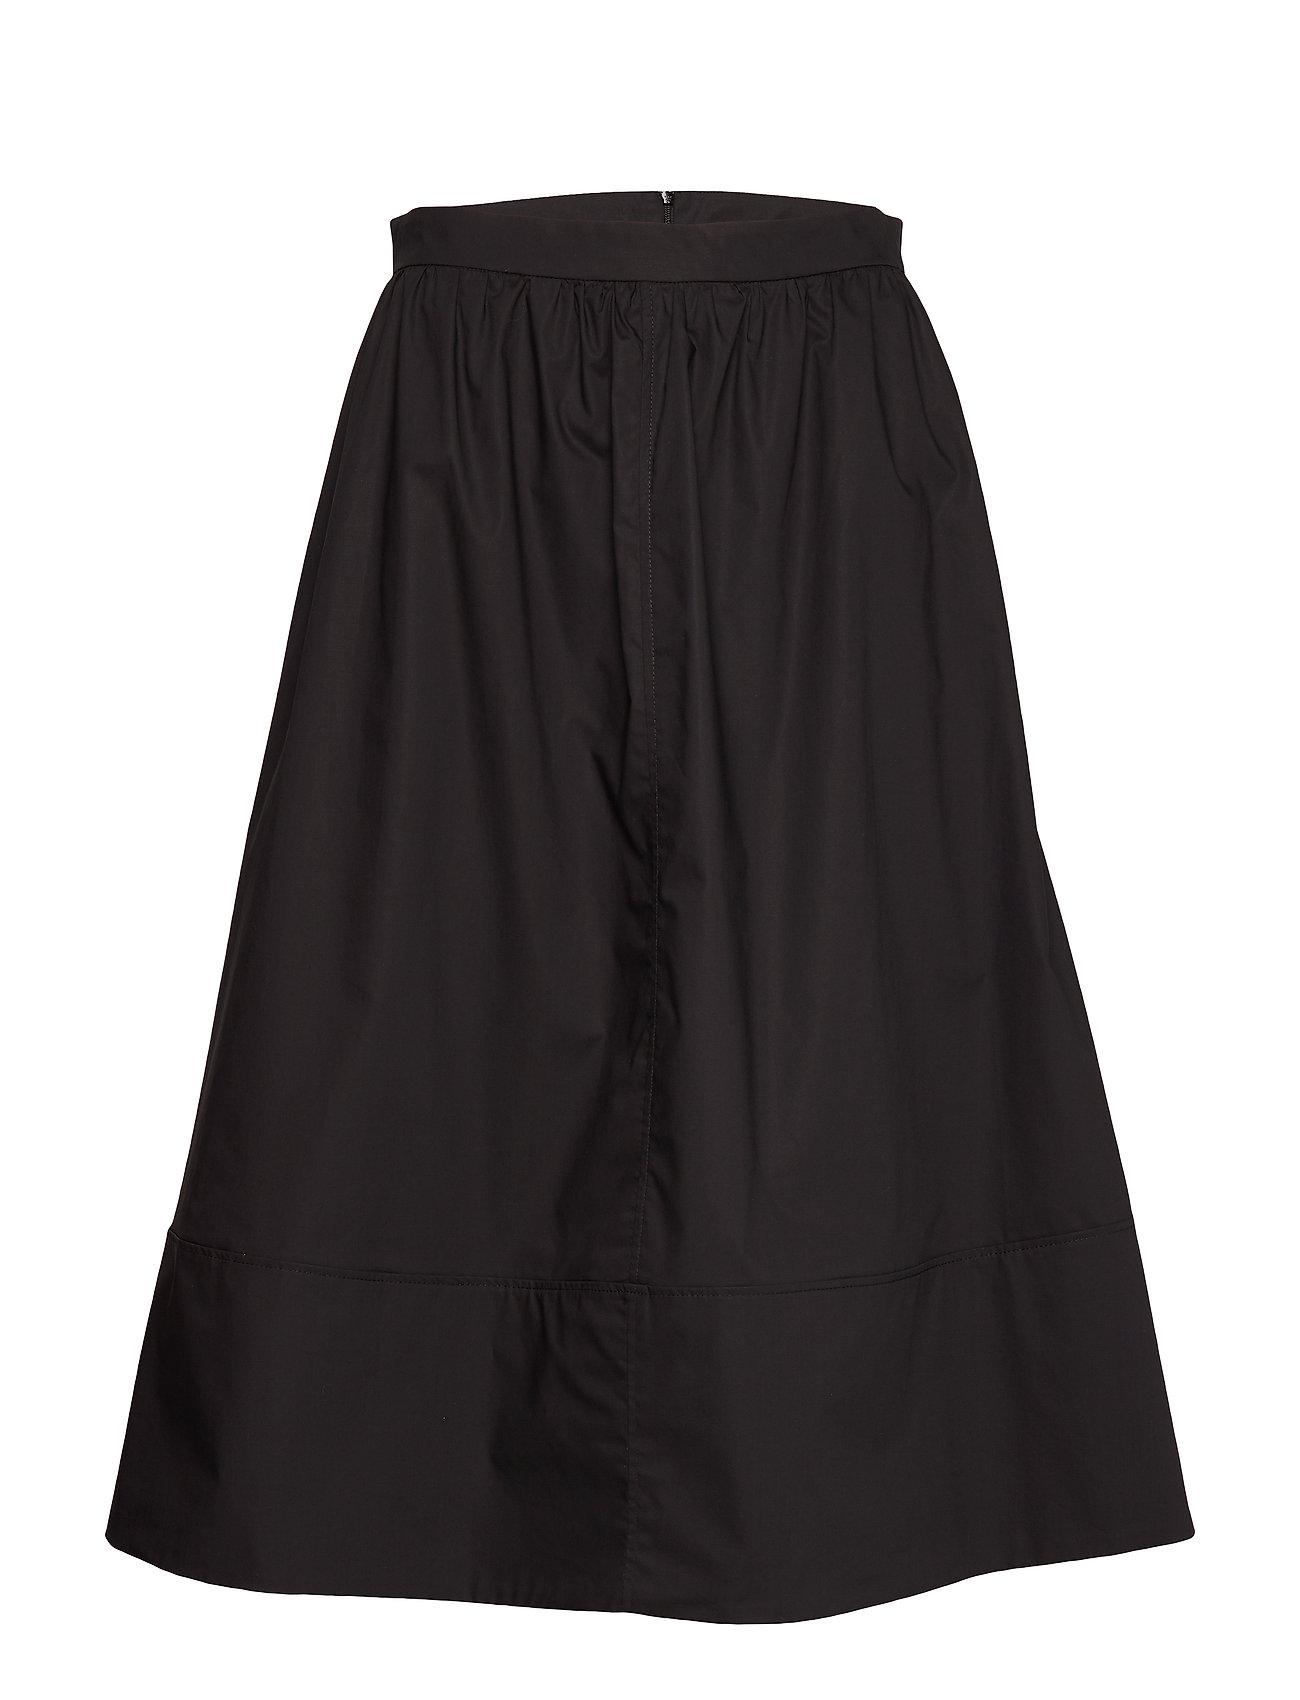 Phoebe HW Midi Skirt